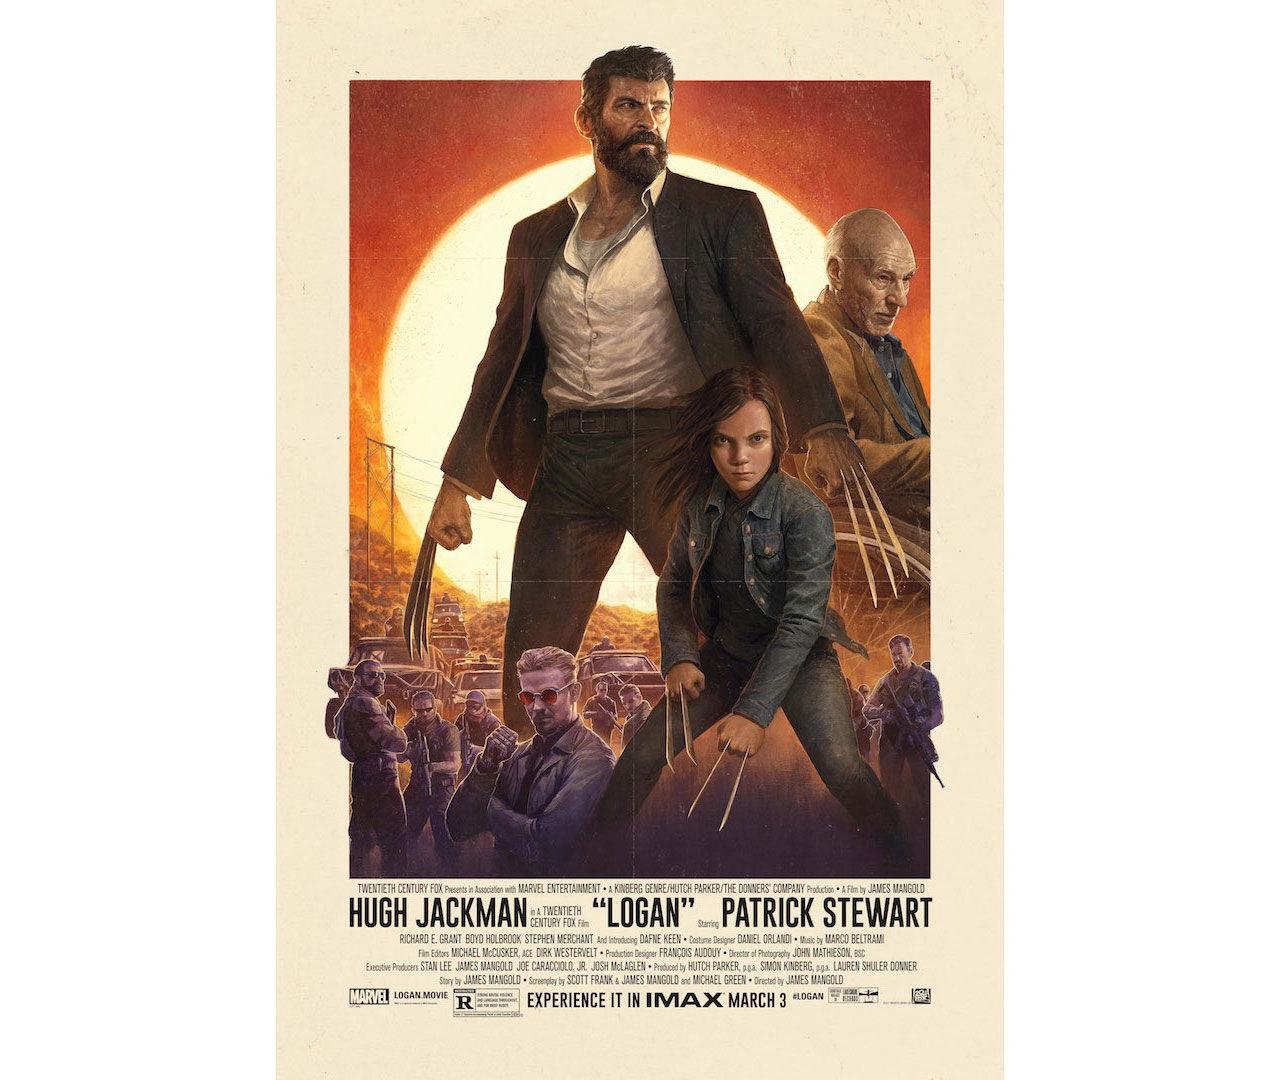 IMAX-affischen för Logan är grym